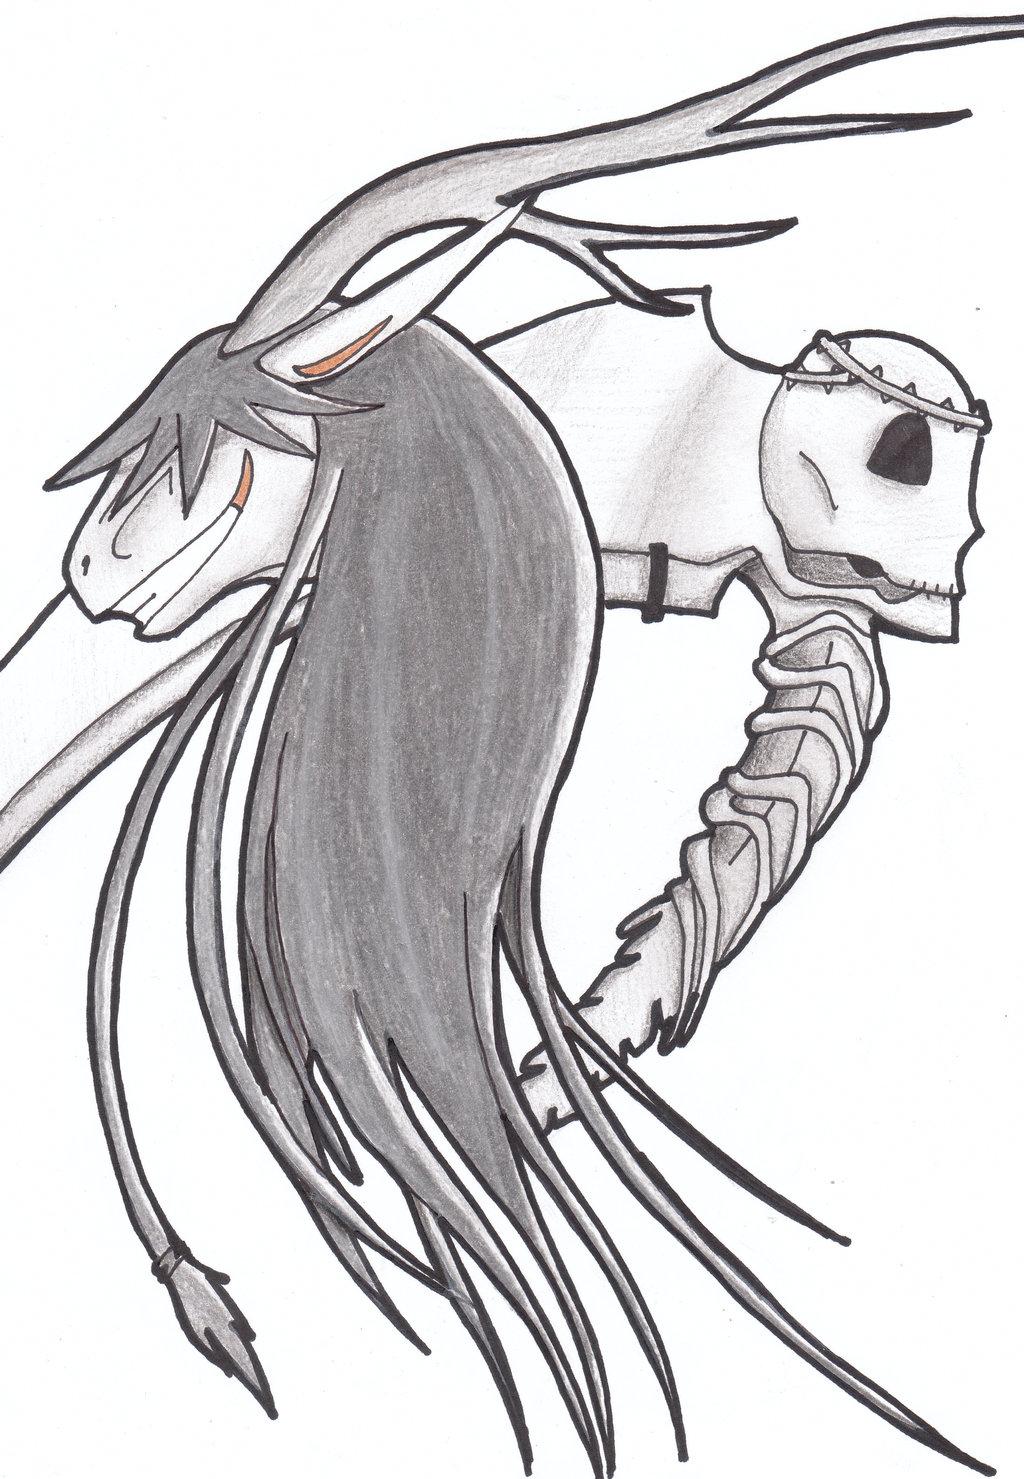 Drawn scythe undertaker On and scythe and scythe